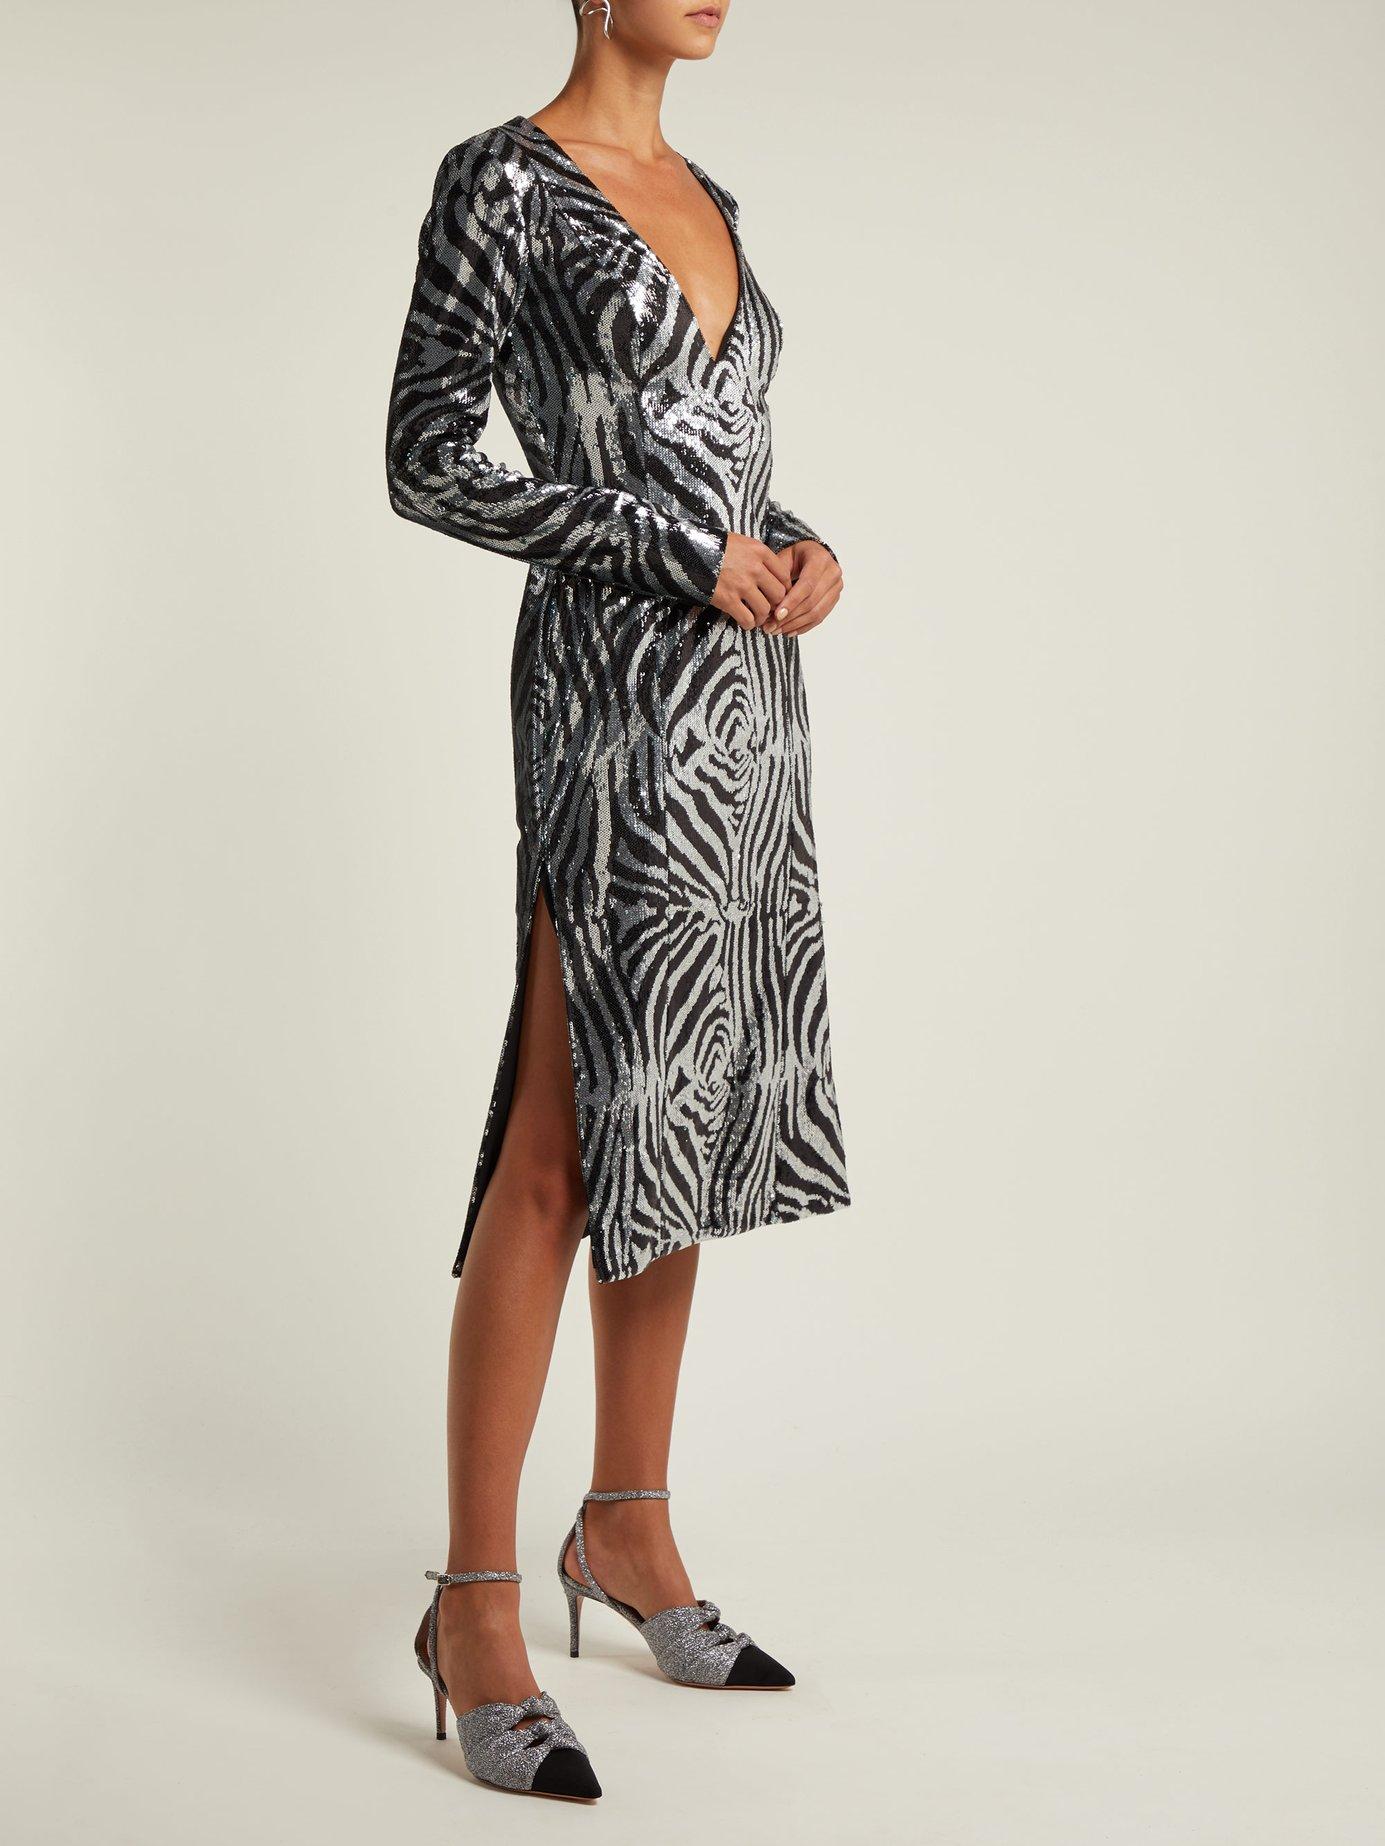 Zebra-pattern sequinned dress by Halpern